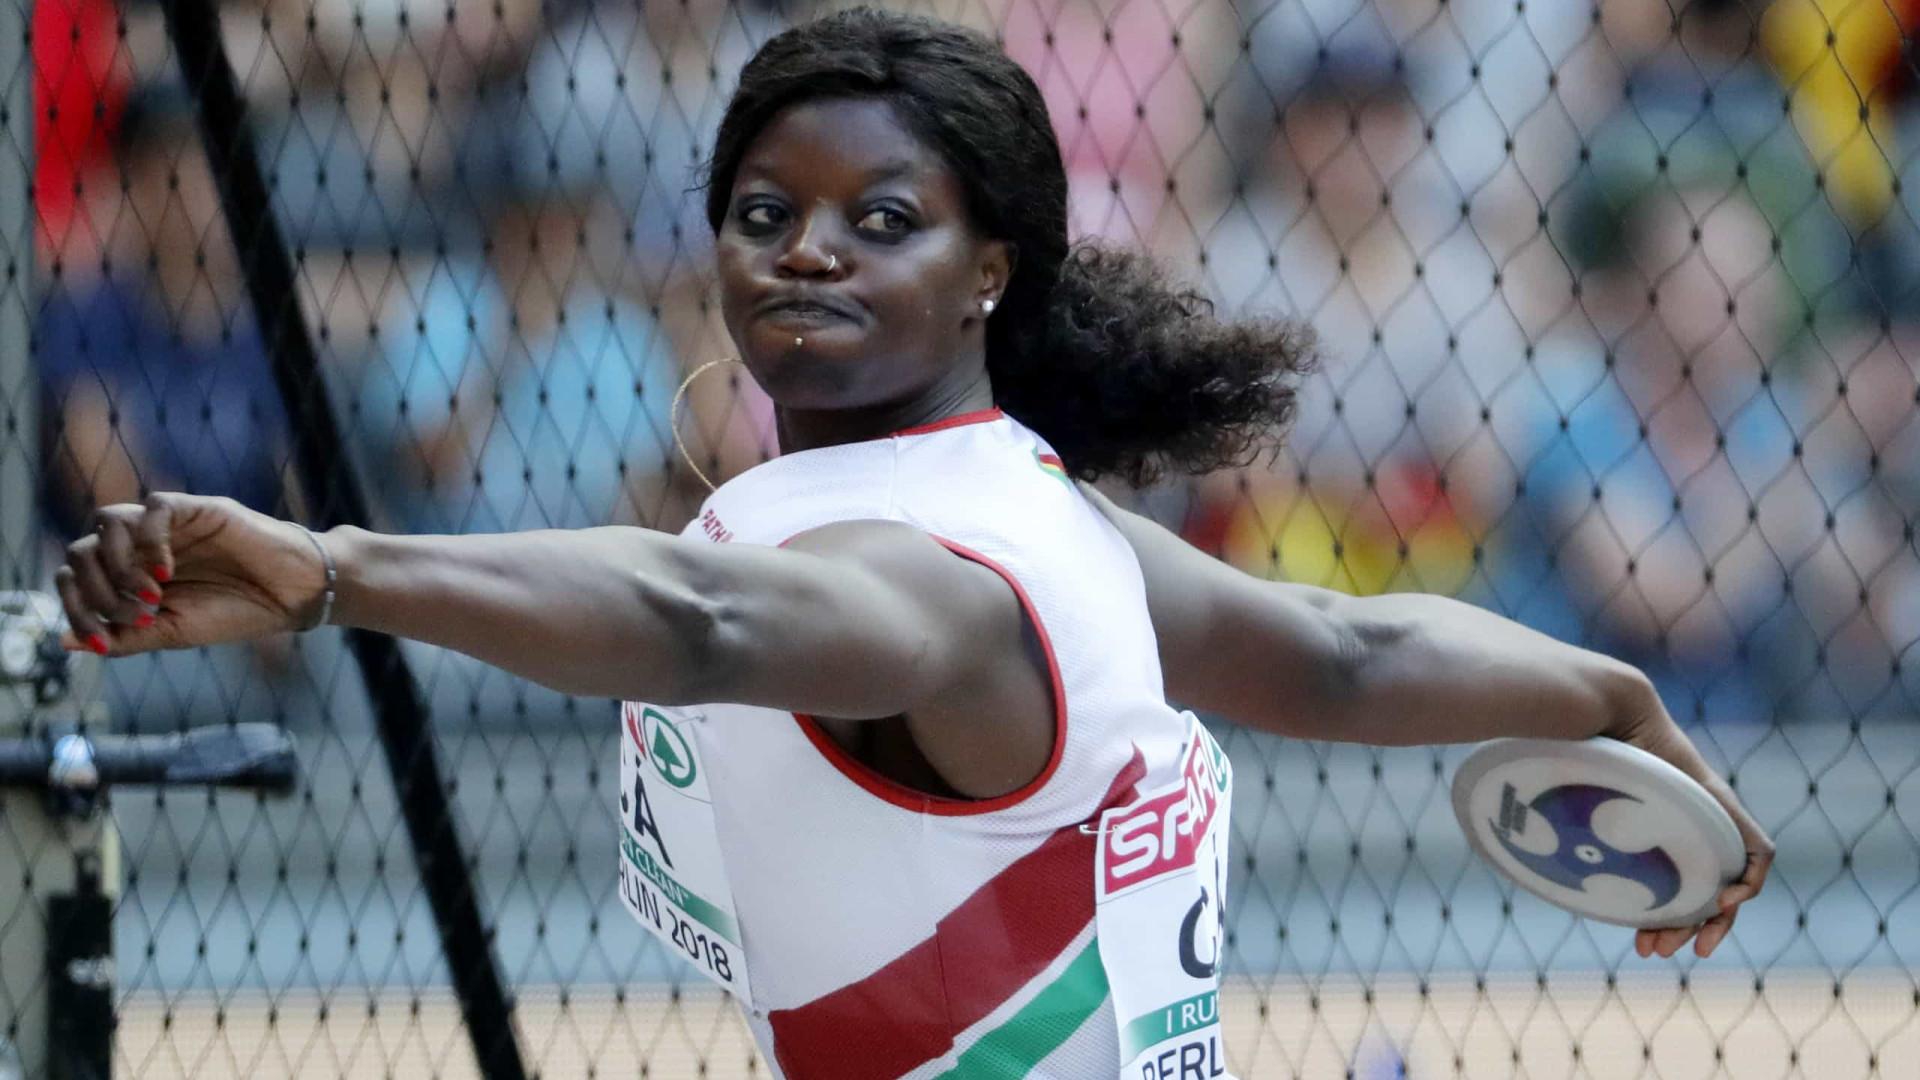 Liliana Cá sétima em 'dramática' final do disco nos Europeus de Atletismo